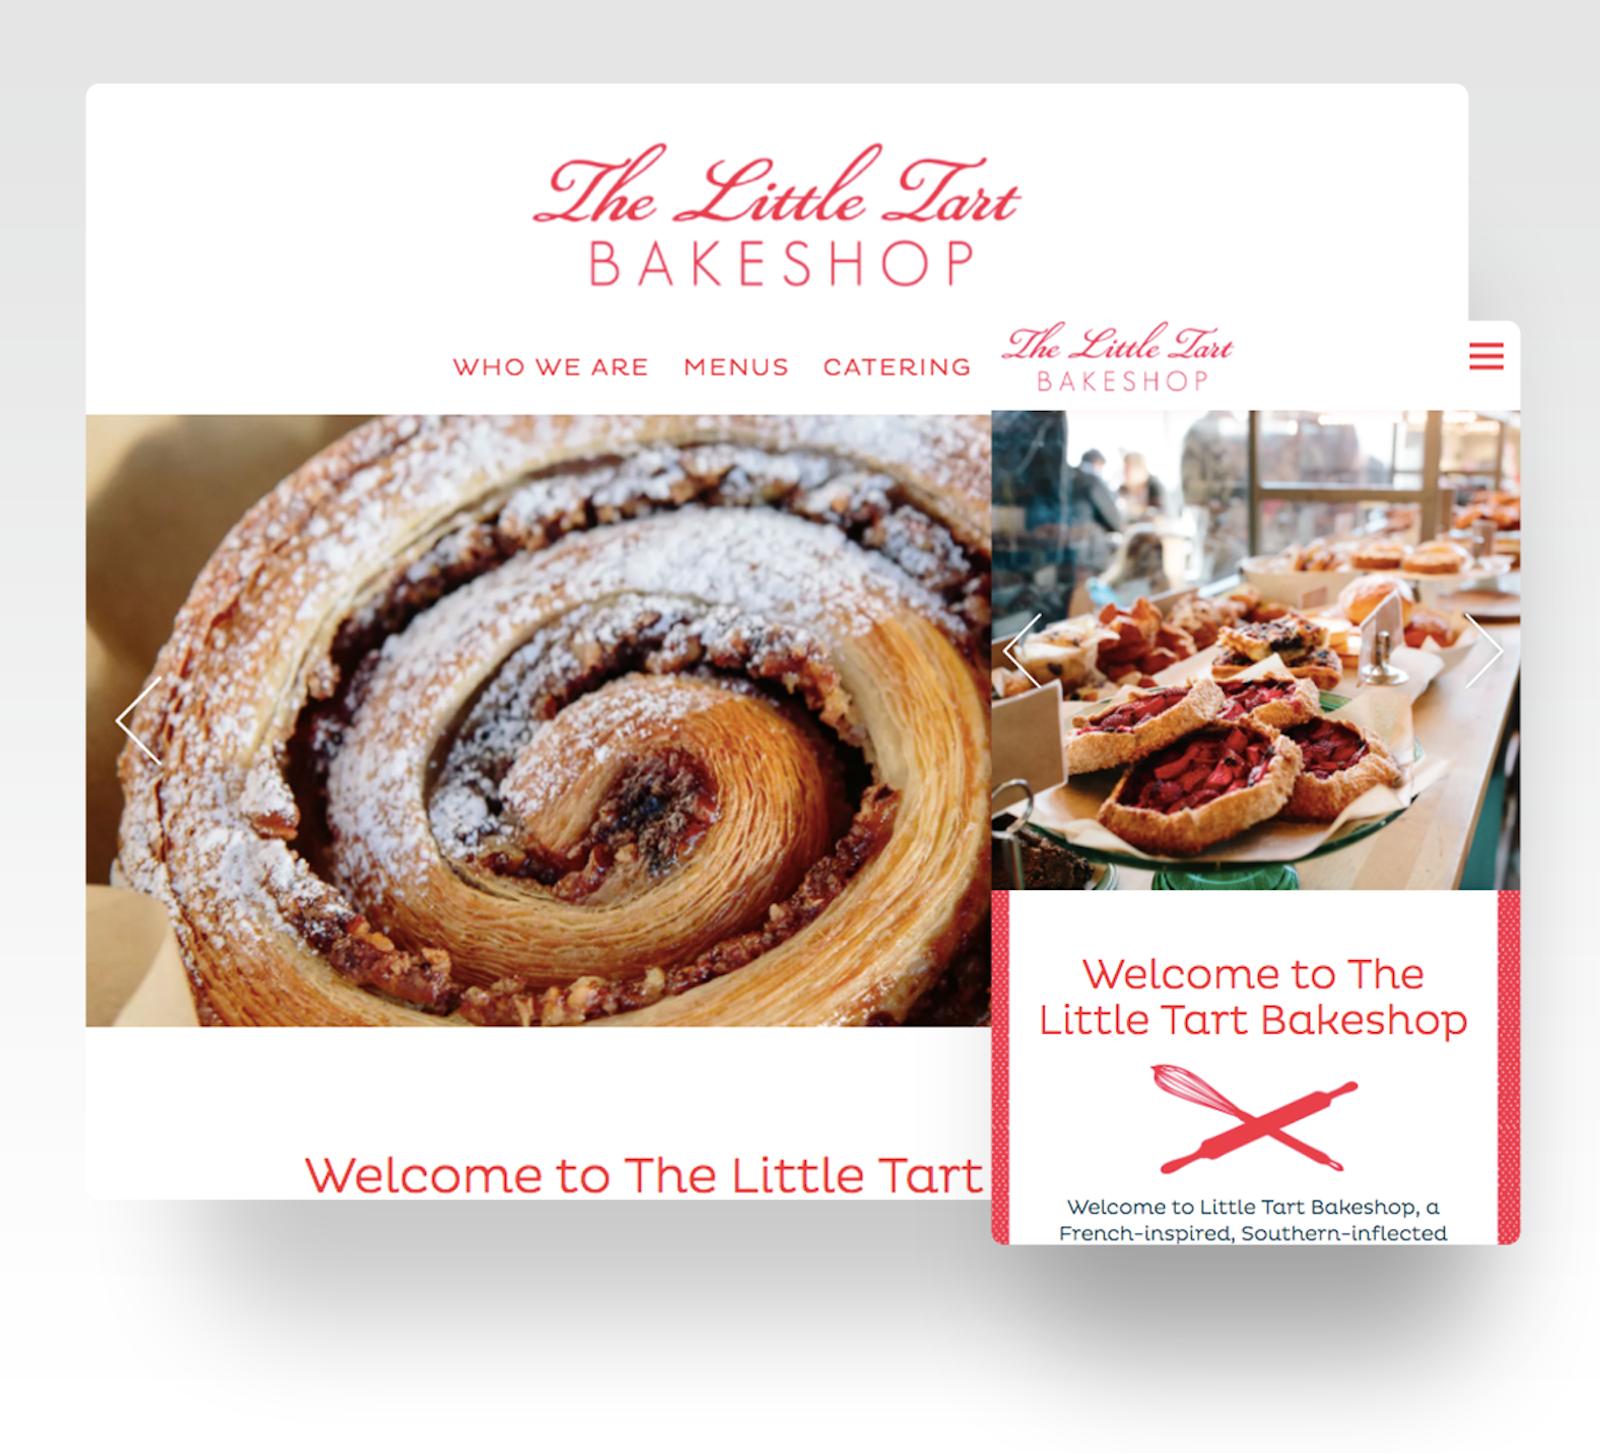 Little Tart Bake Shop